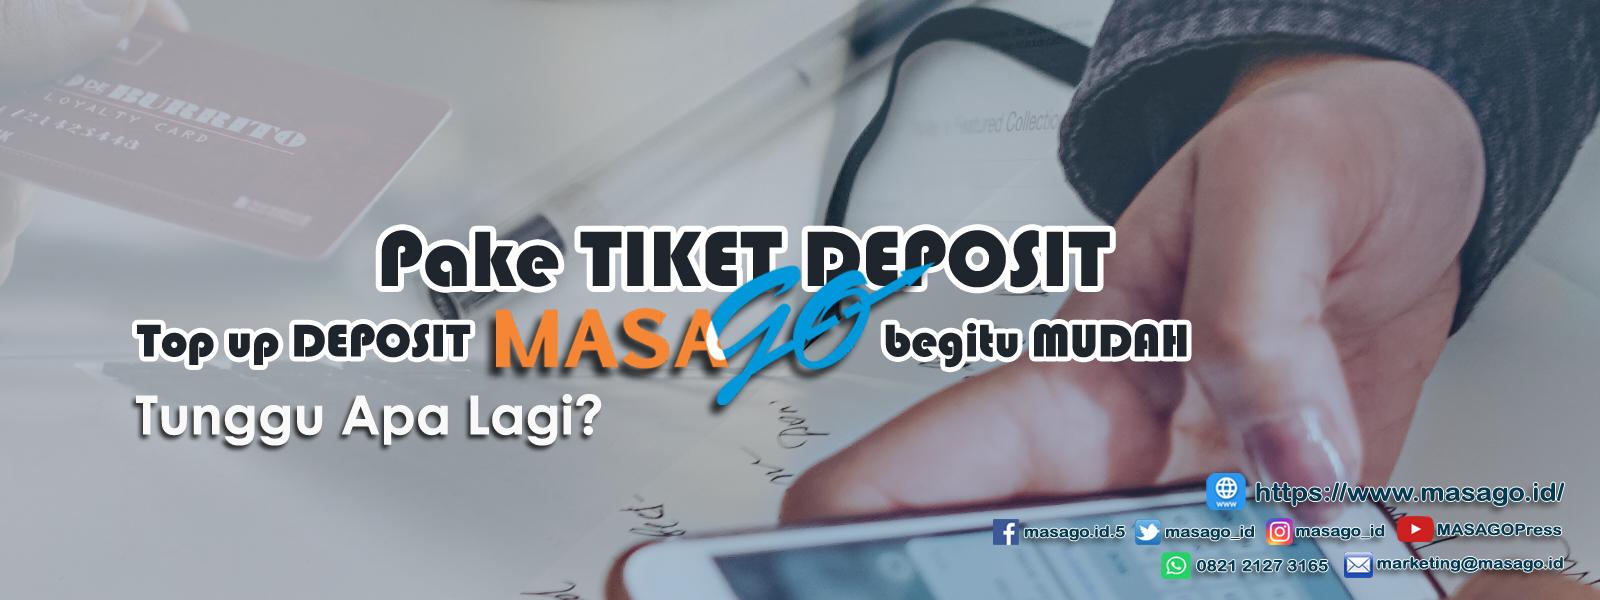 Tiket Deposit